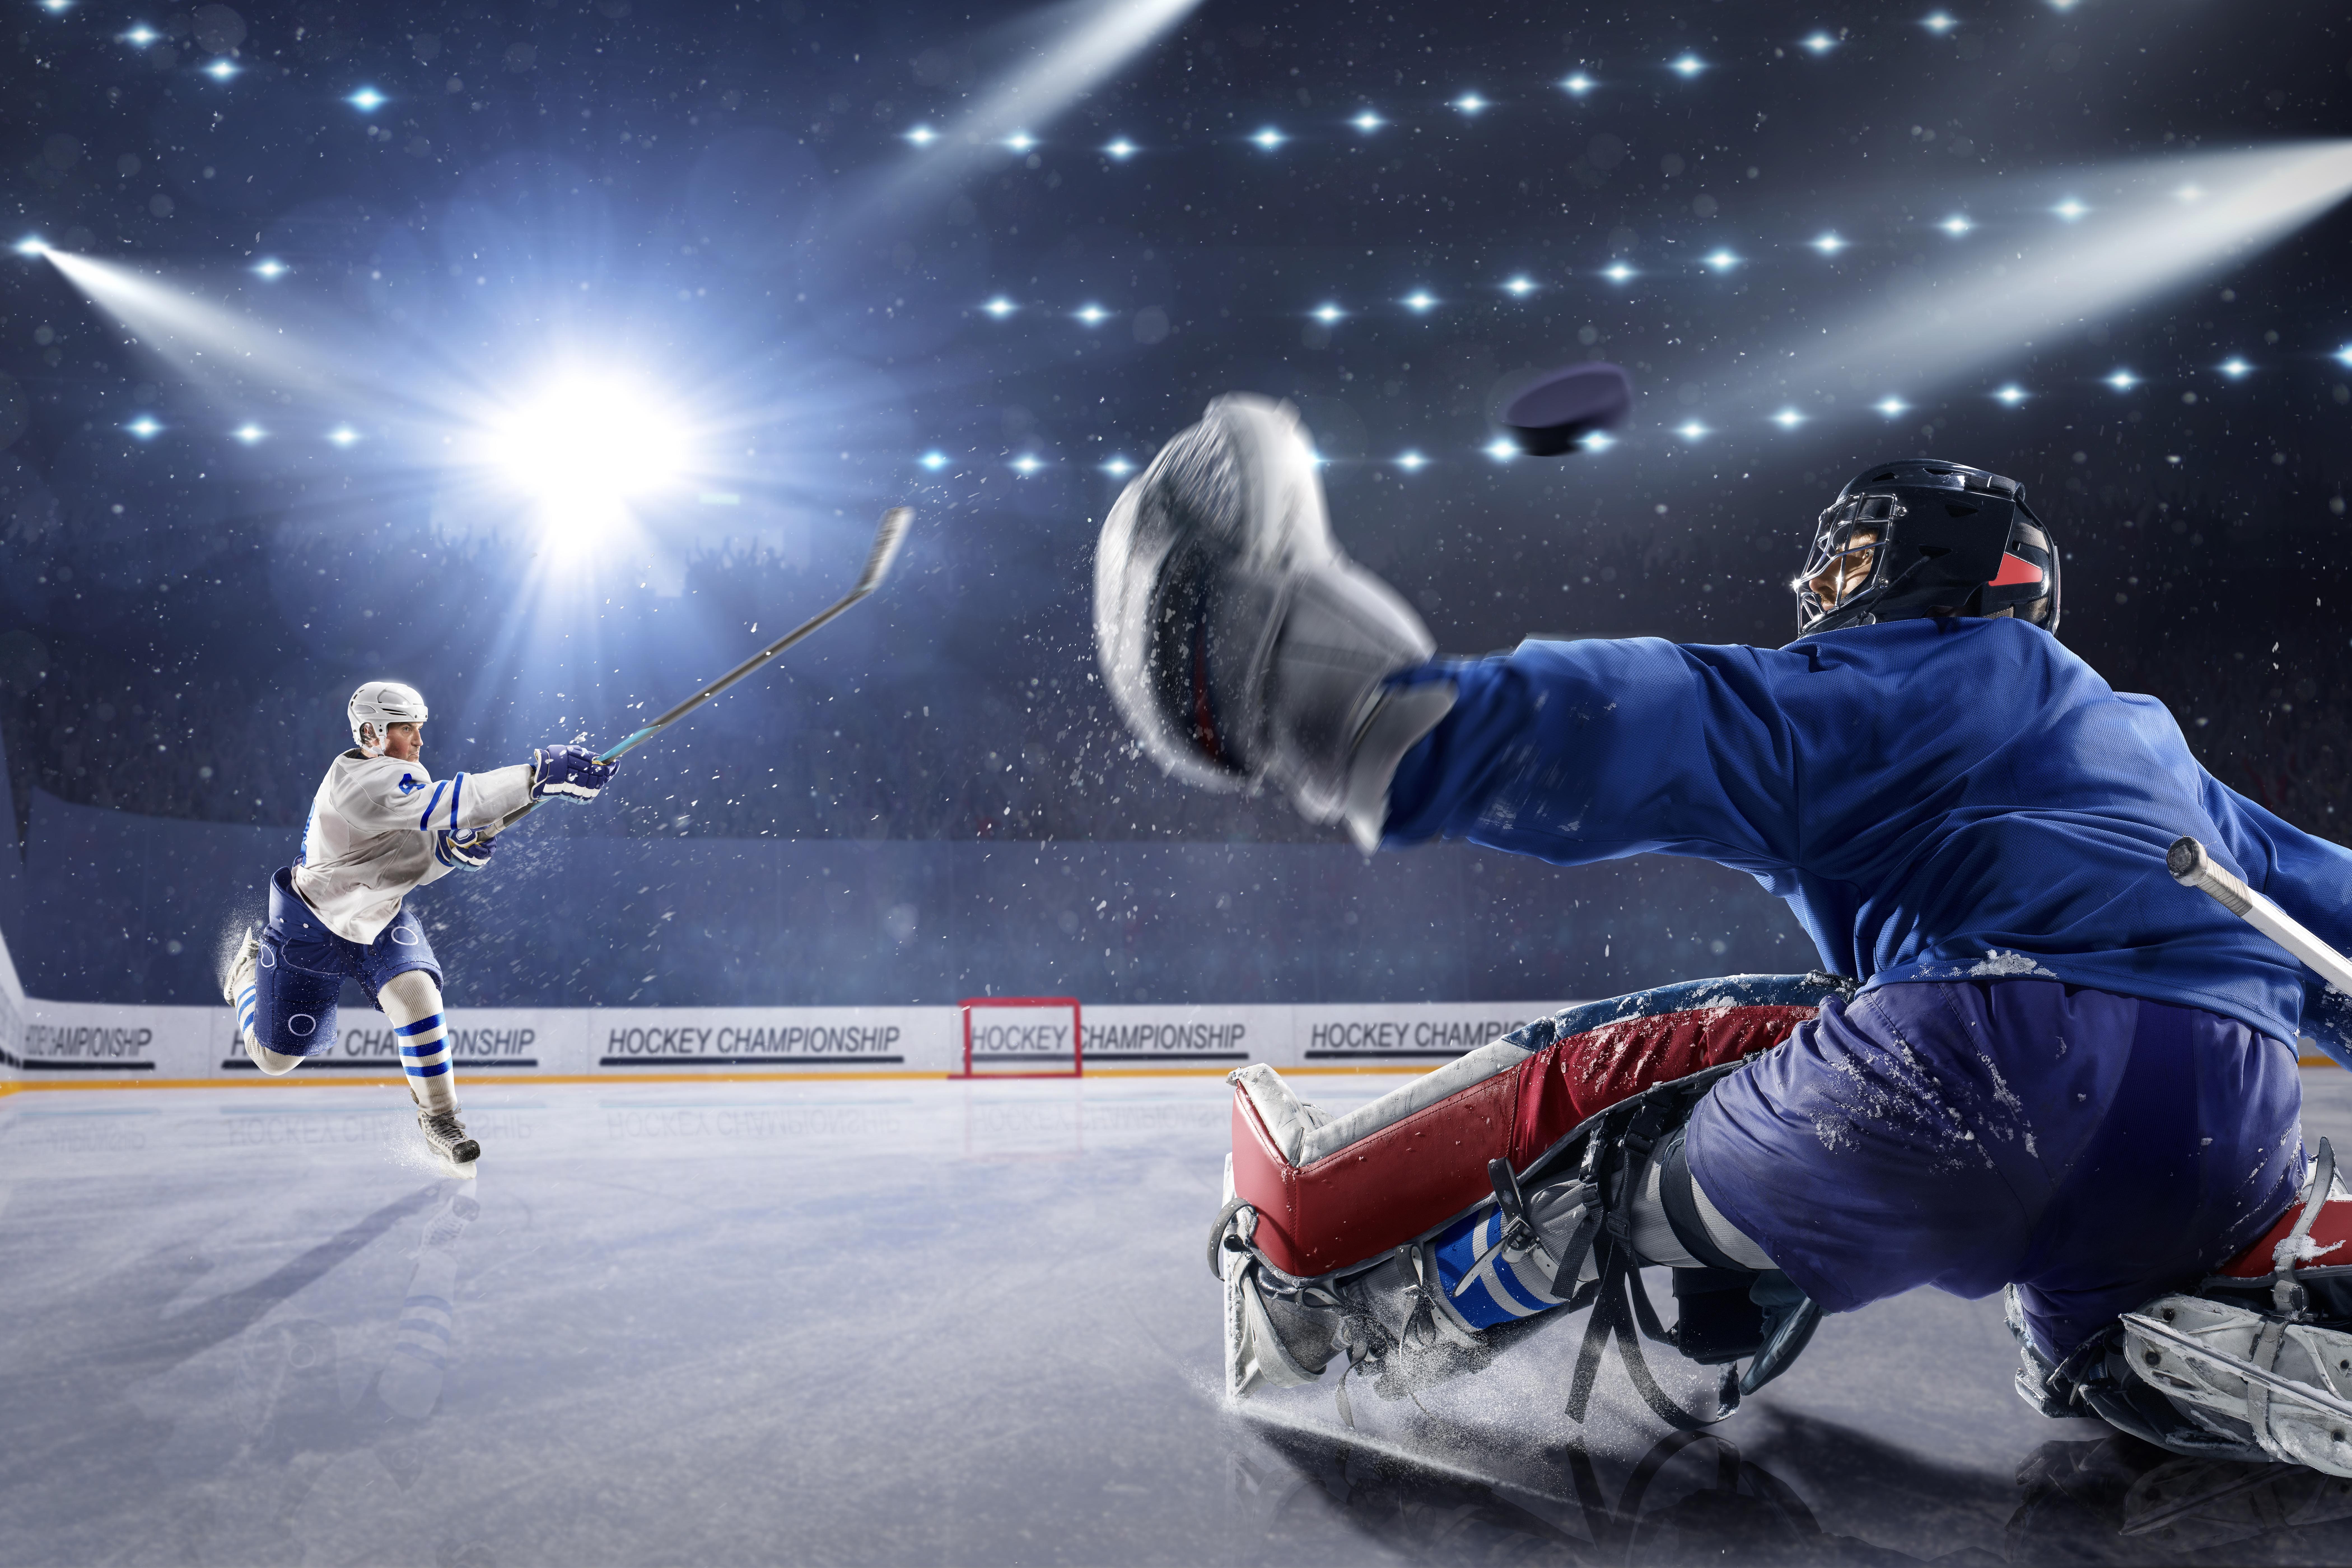 Картинки хоккей с шайбой на рабочий находишься